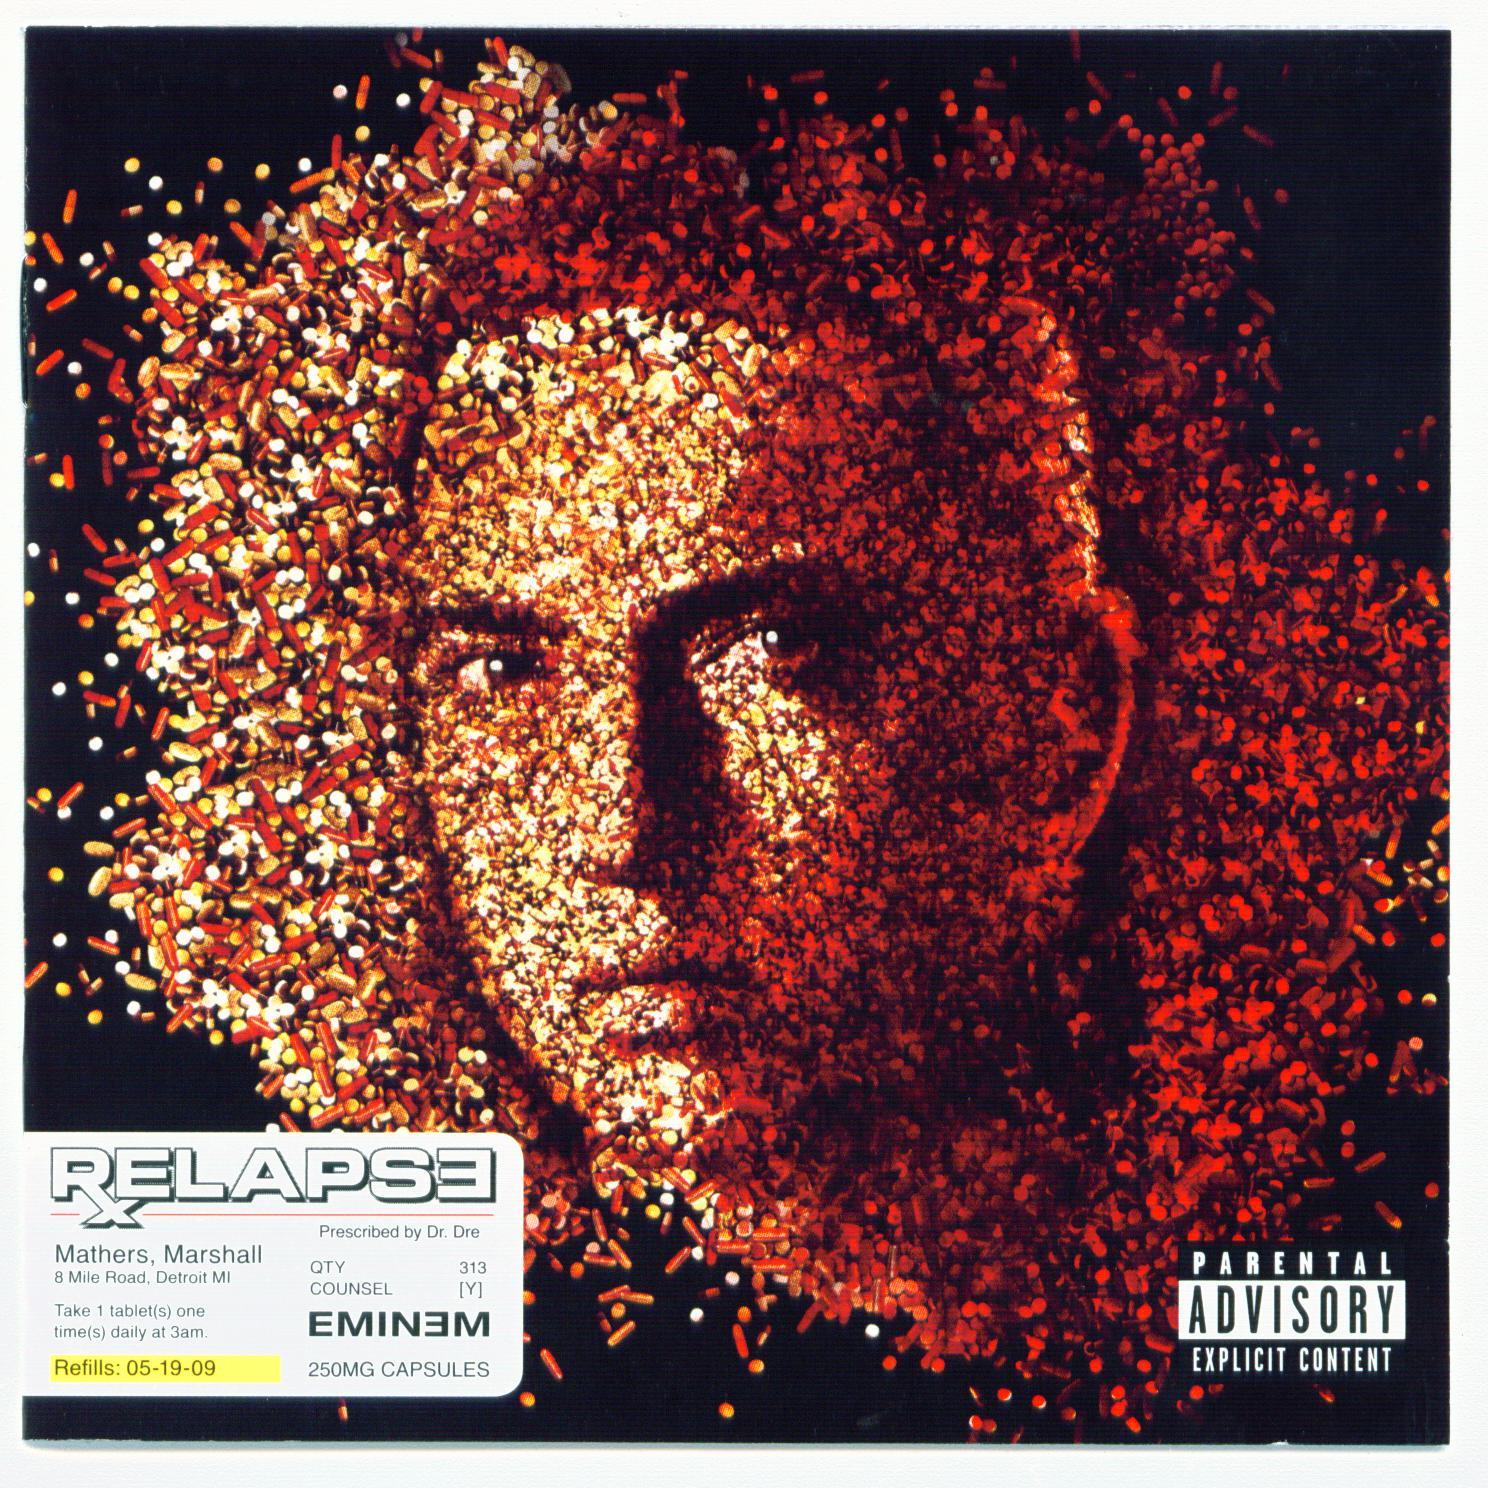 Eminem relapse cover f...